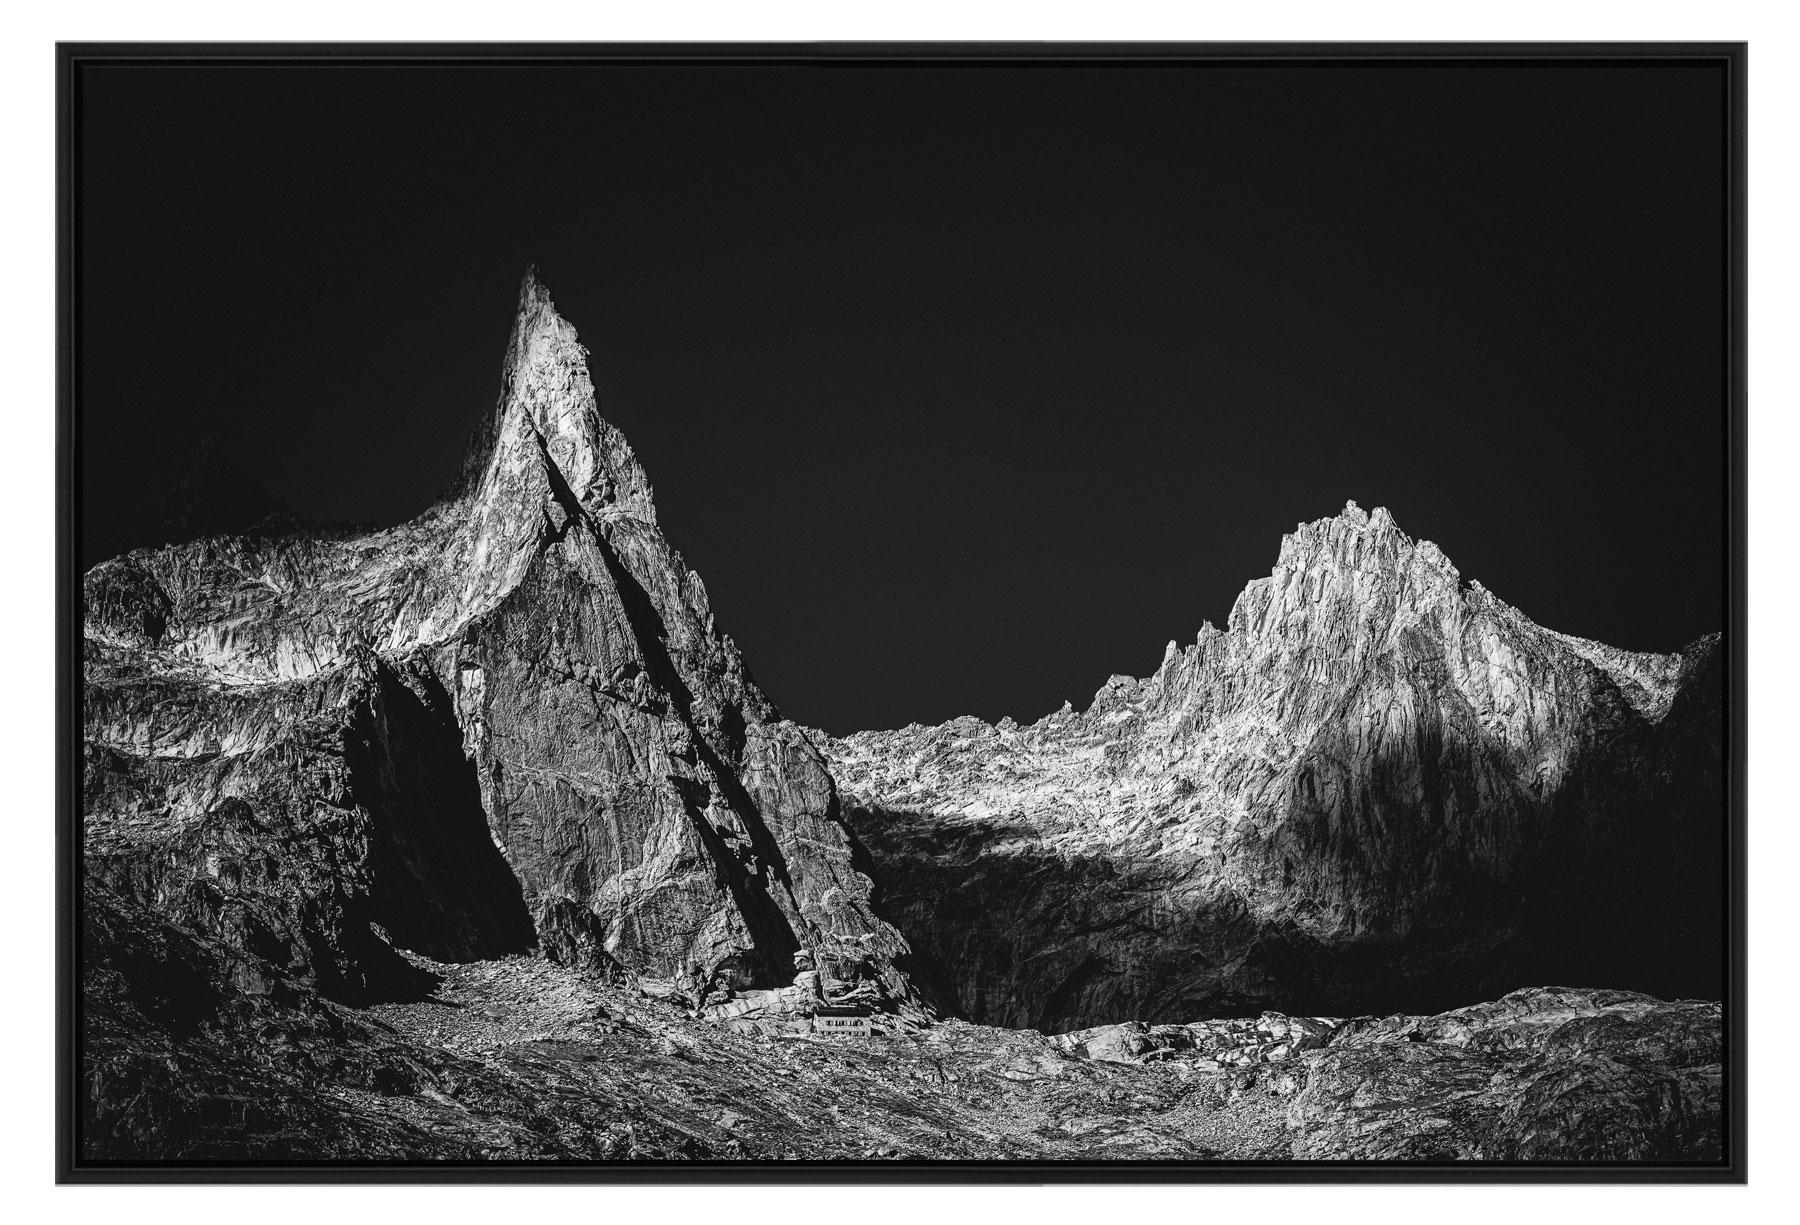 Tirage photo de montagne en noir et blanc dans une caisse américaine chêne